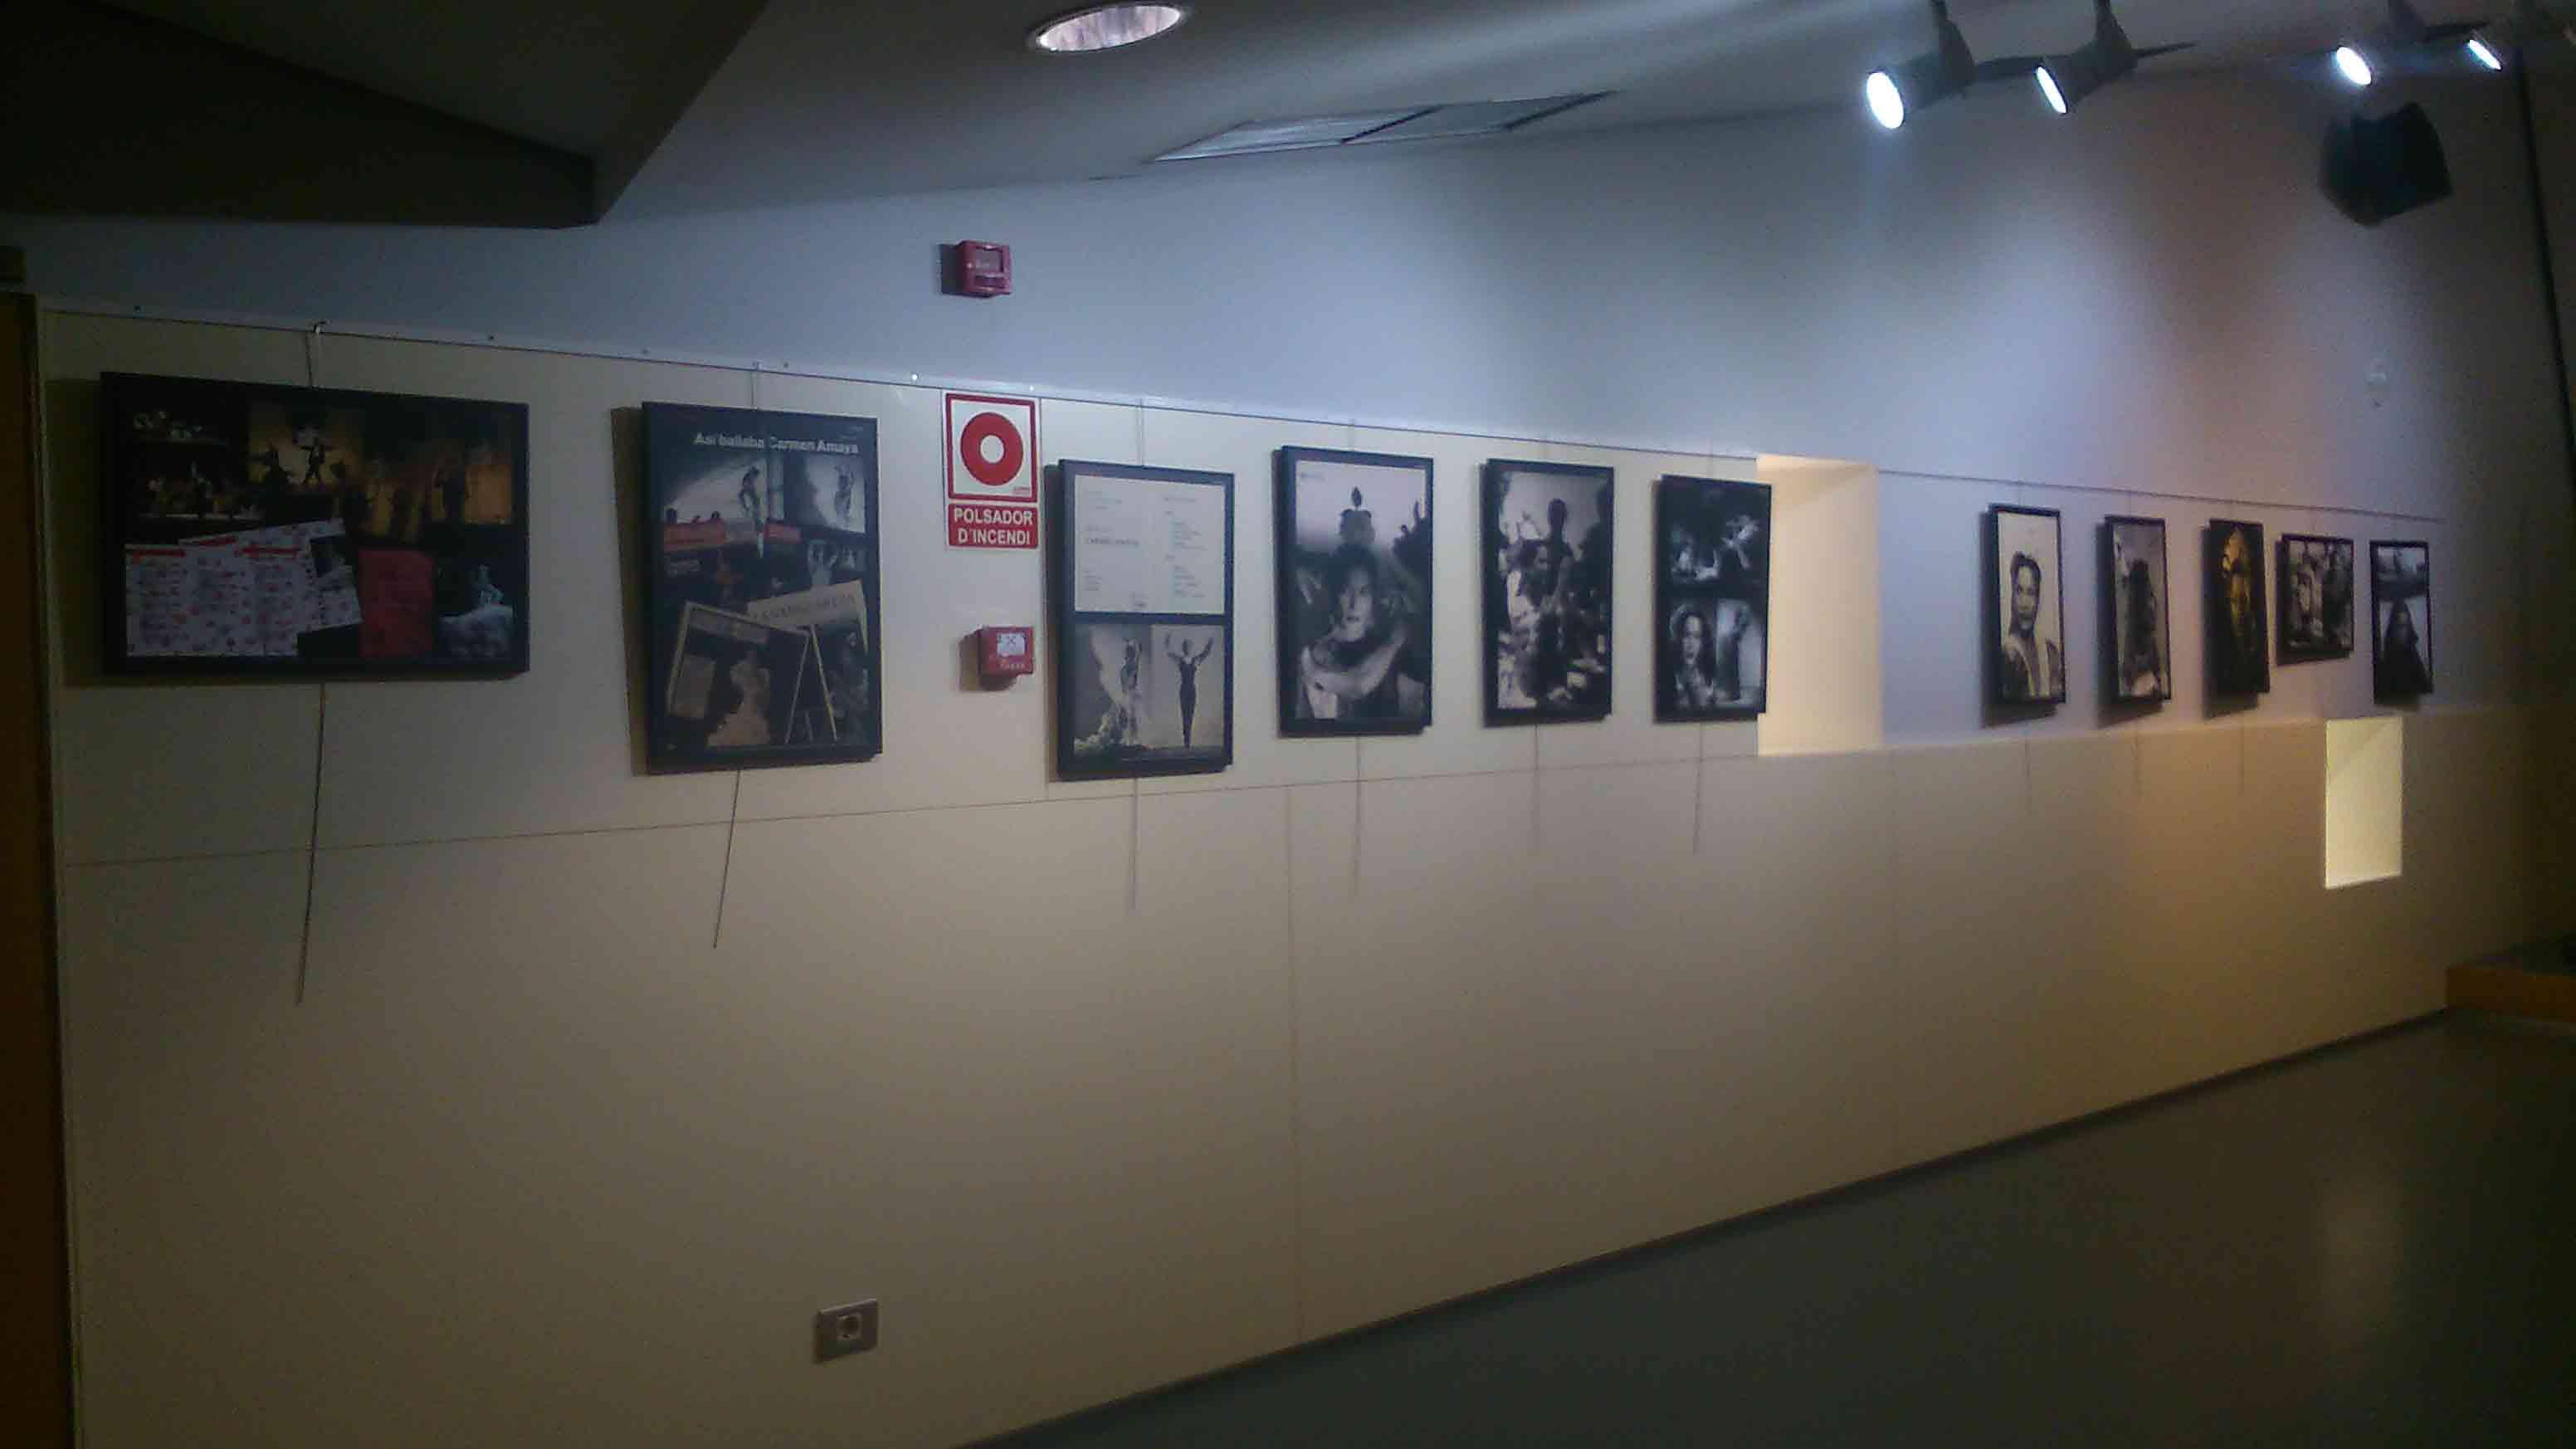 Exposició itinerant del MAE Carmen Amaya a la Biblioteca de Viladecans, del 29 de març al 29 d'abril de 2016